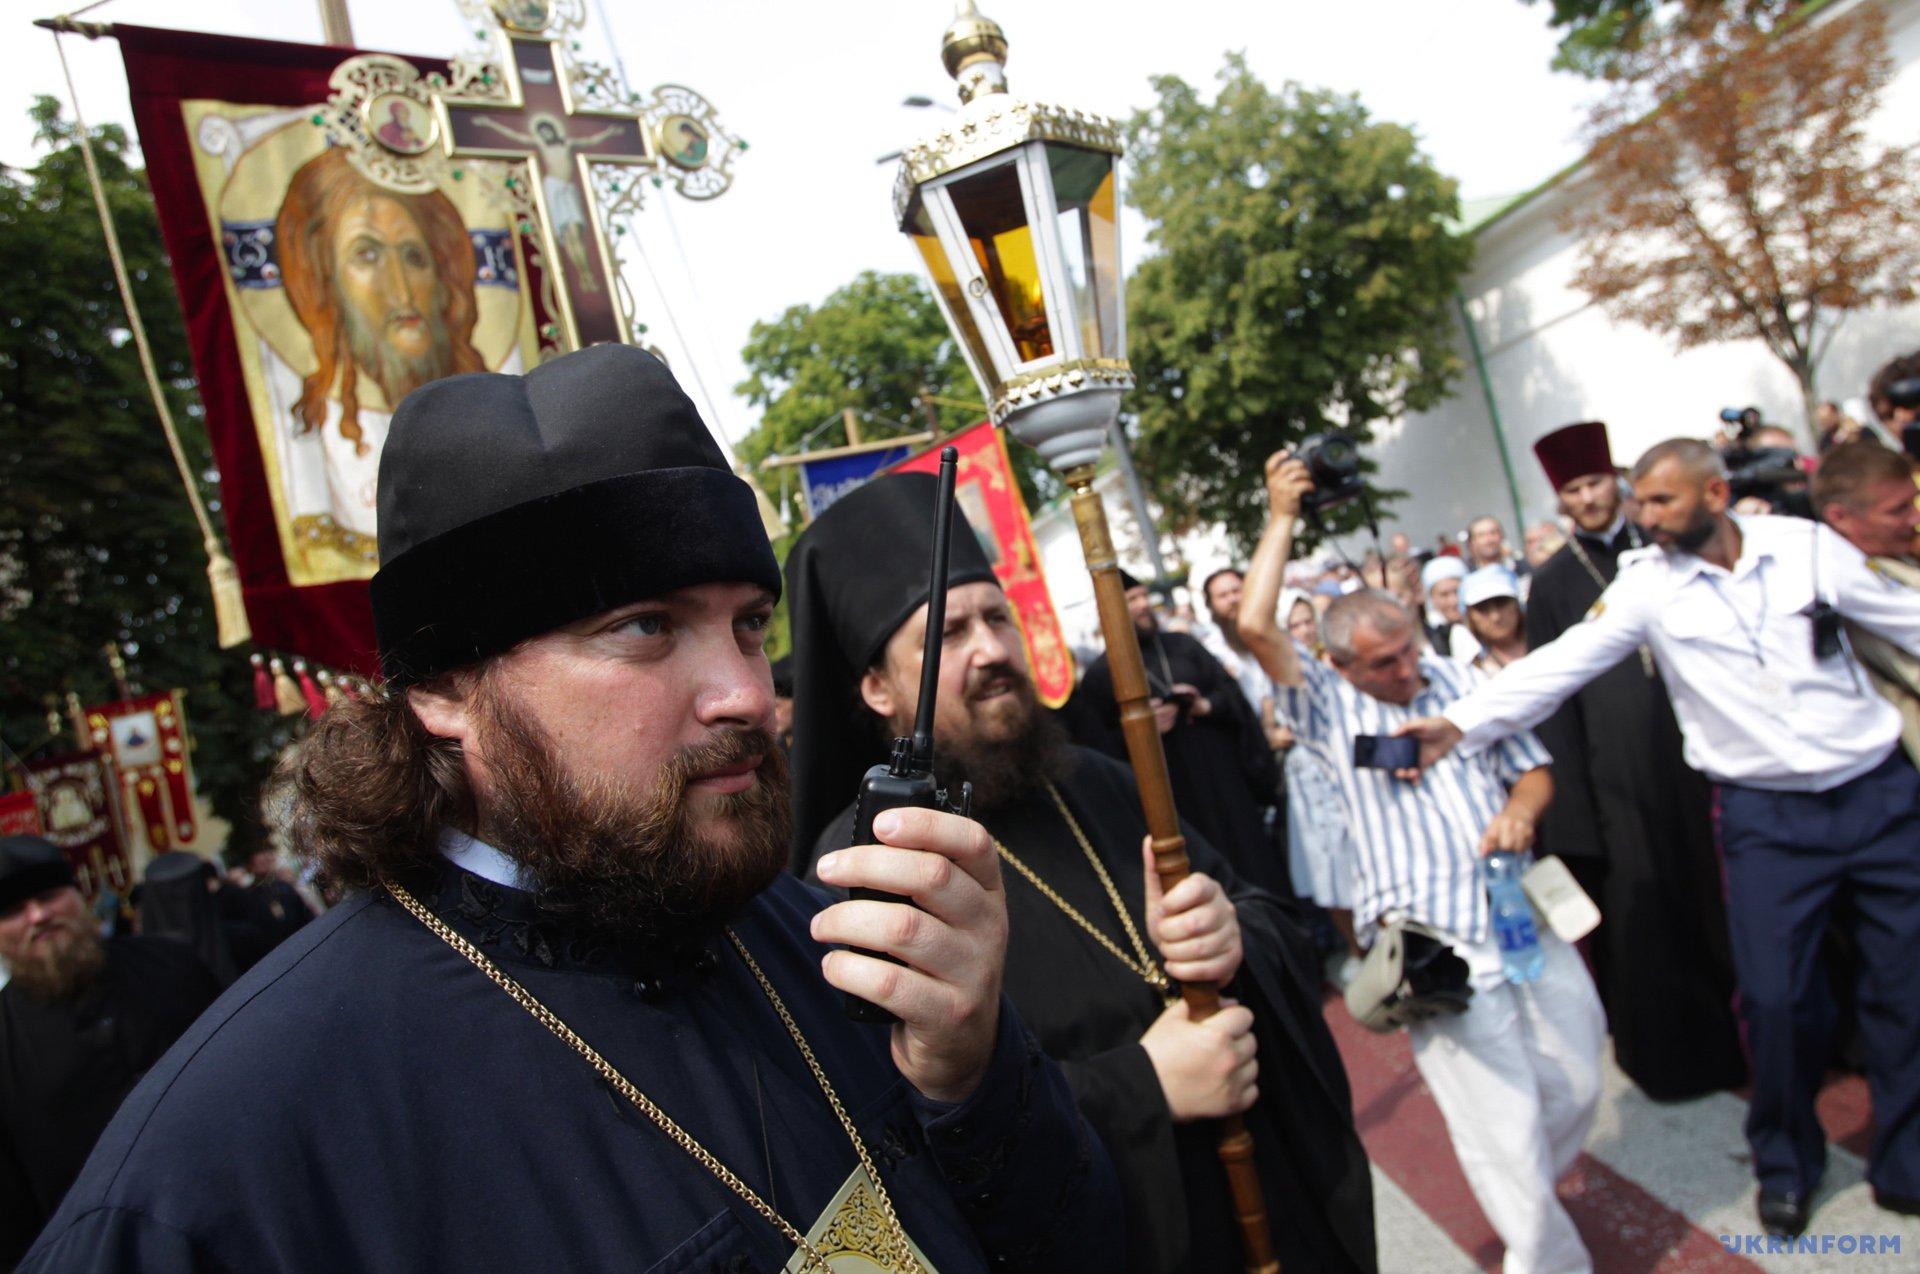 право на служби на території Софії Київської в колисці Російської церкви на початку 2016 року отримав саме Київський патріархат